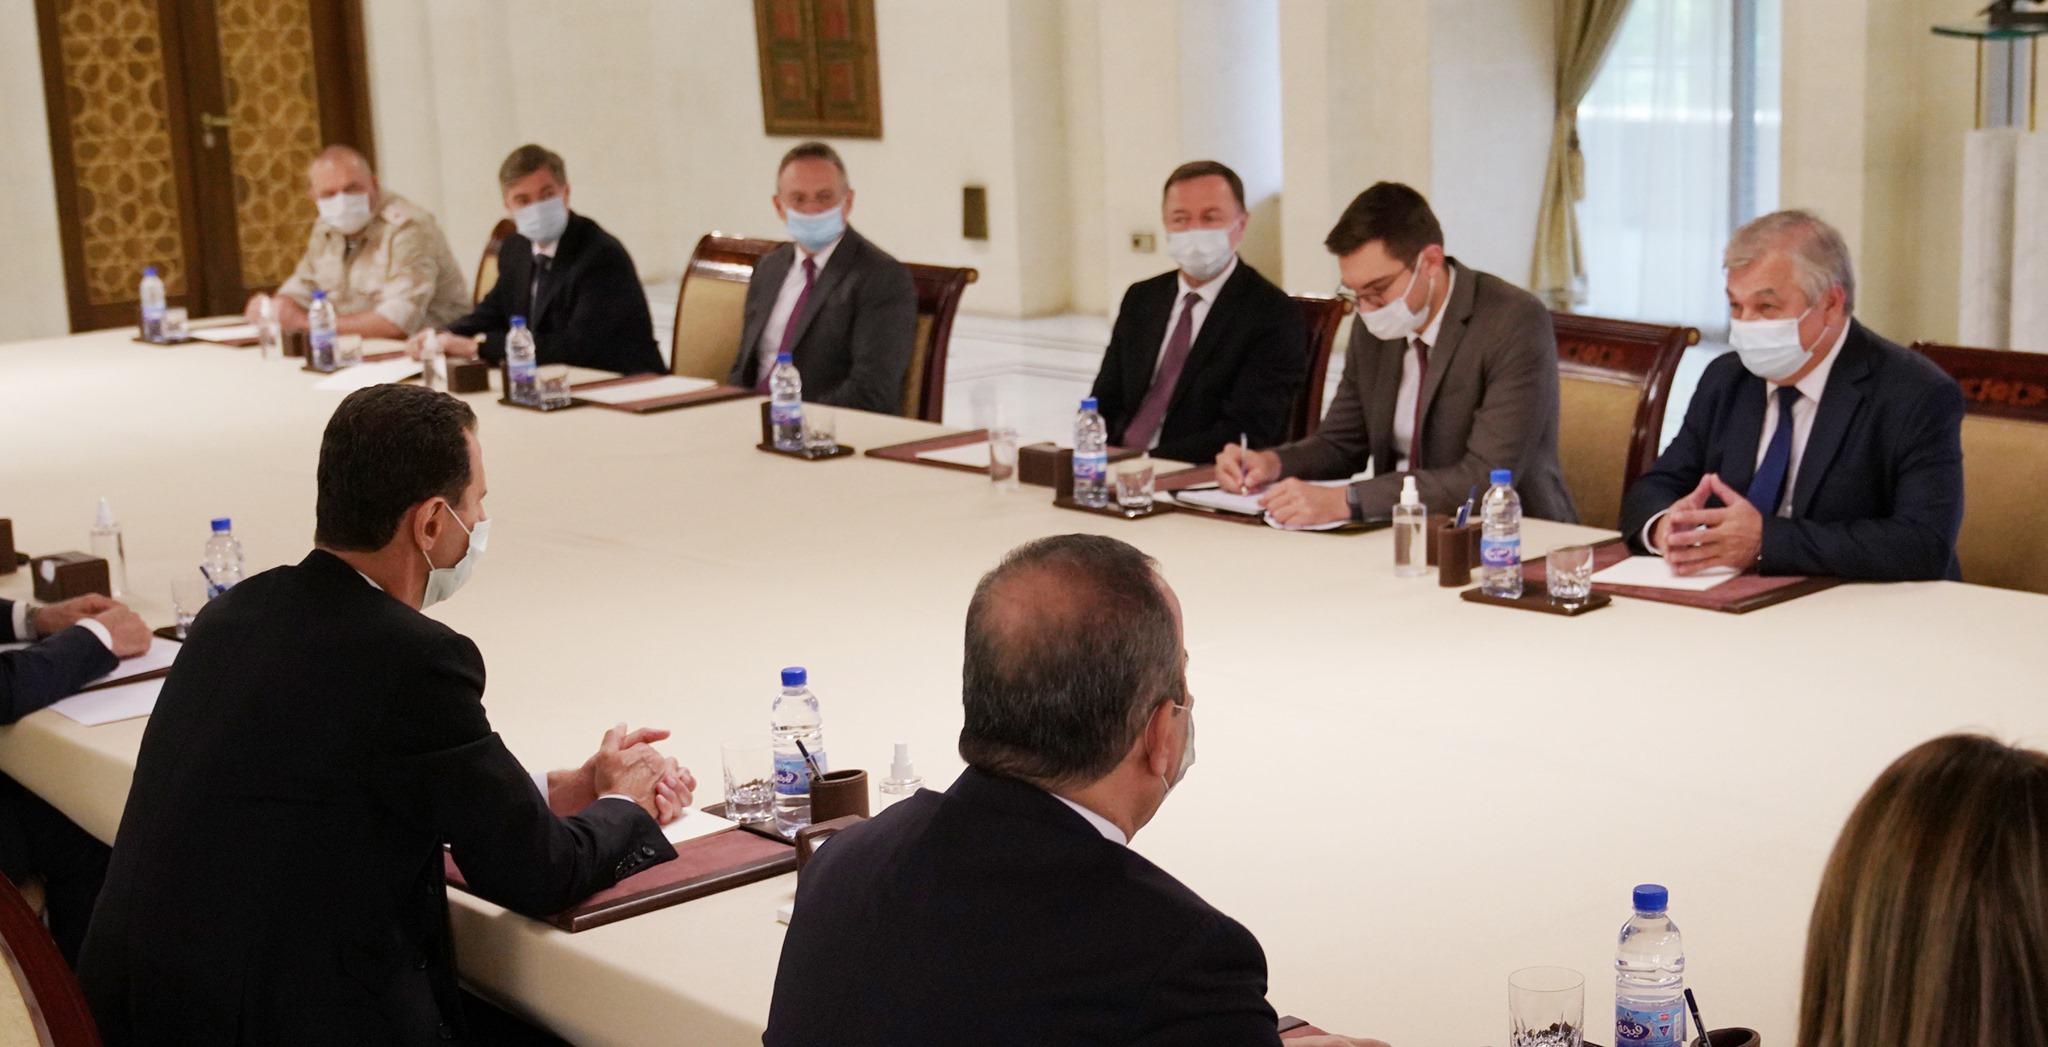 بشار الأسد يستقبل وفداً روسياً في دمشق.. للبحث في ملفات عالقة